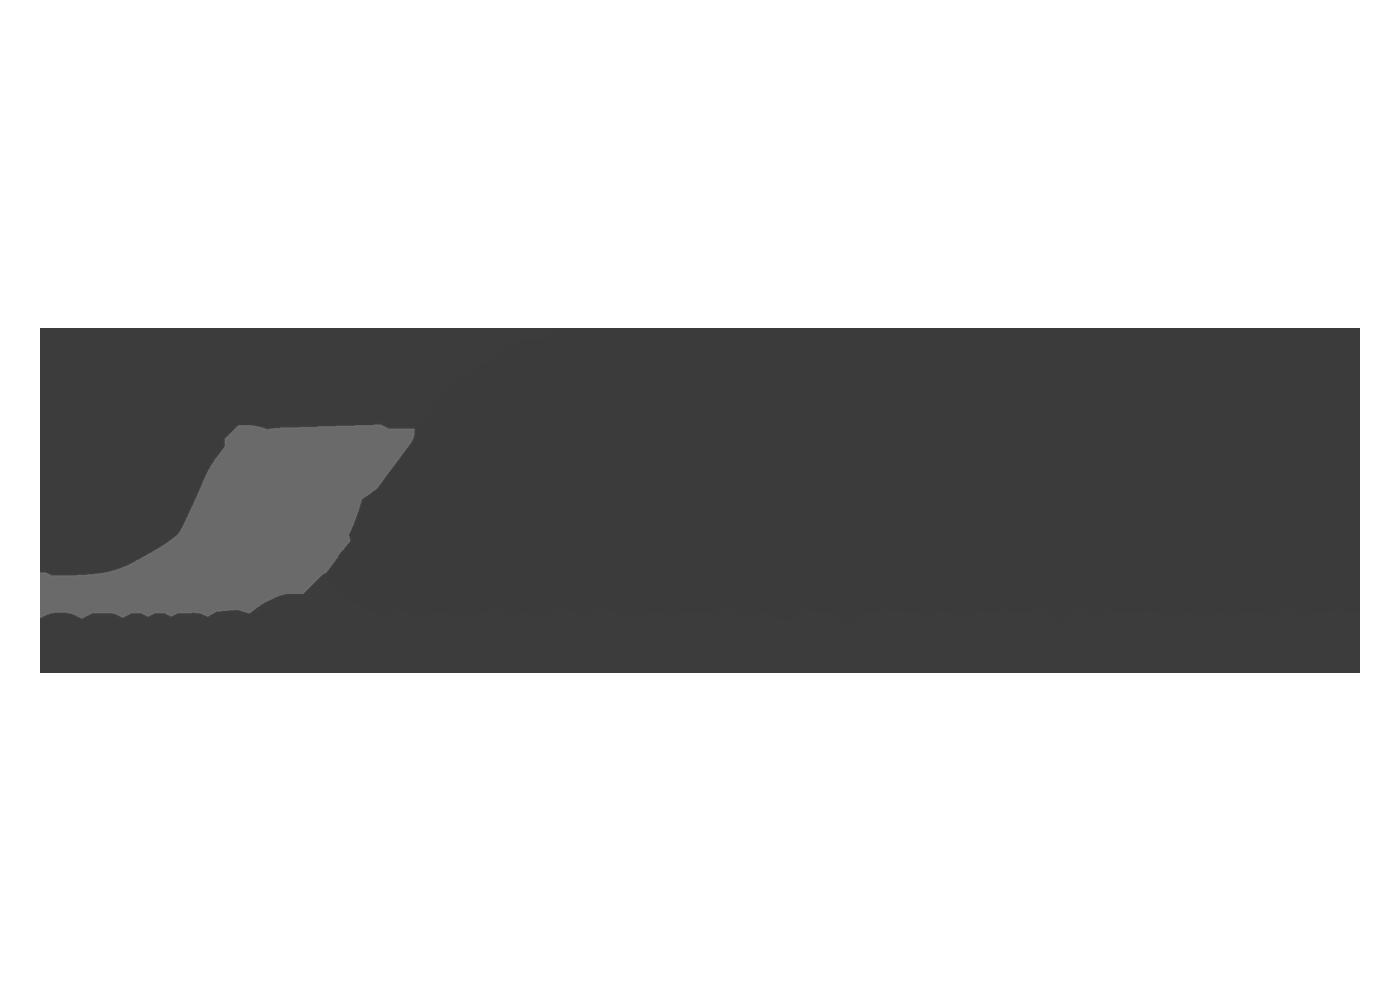 RFI Rete Ferroviaria Italiana